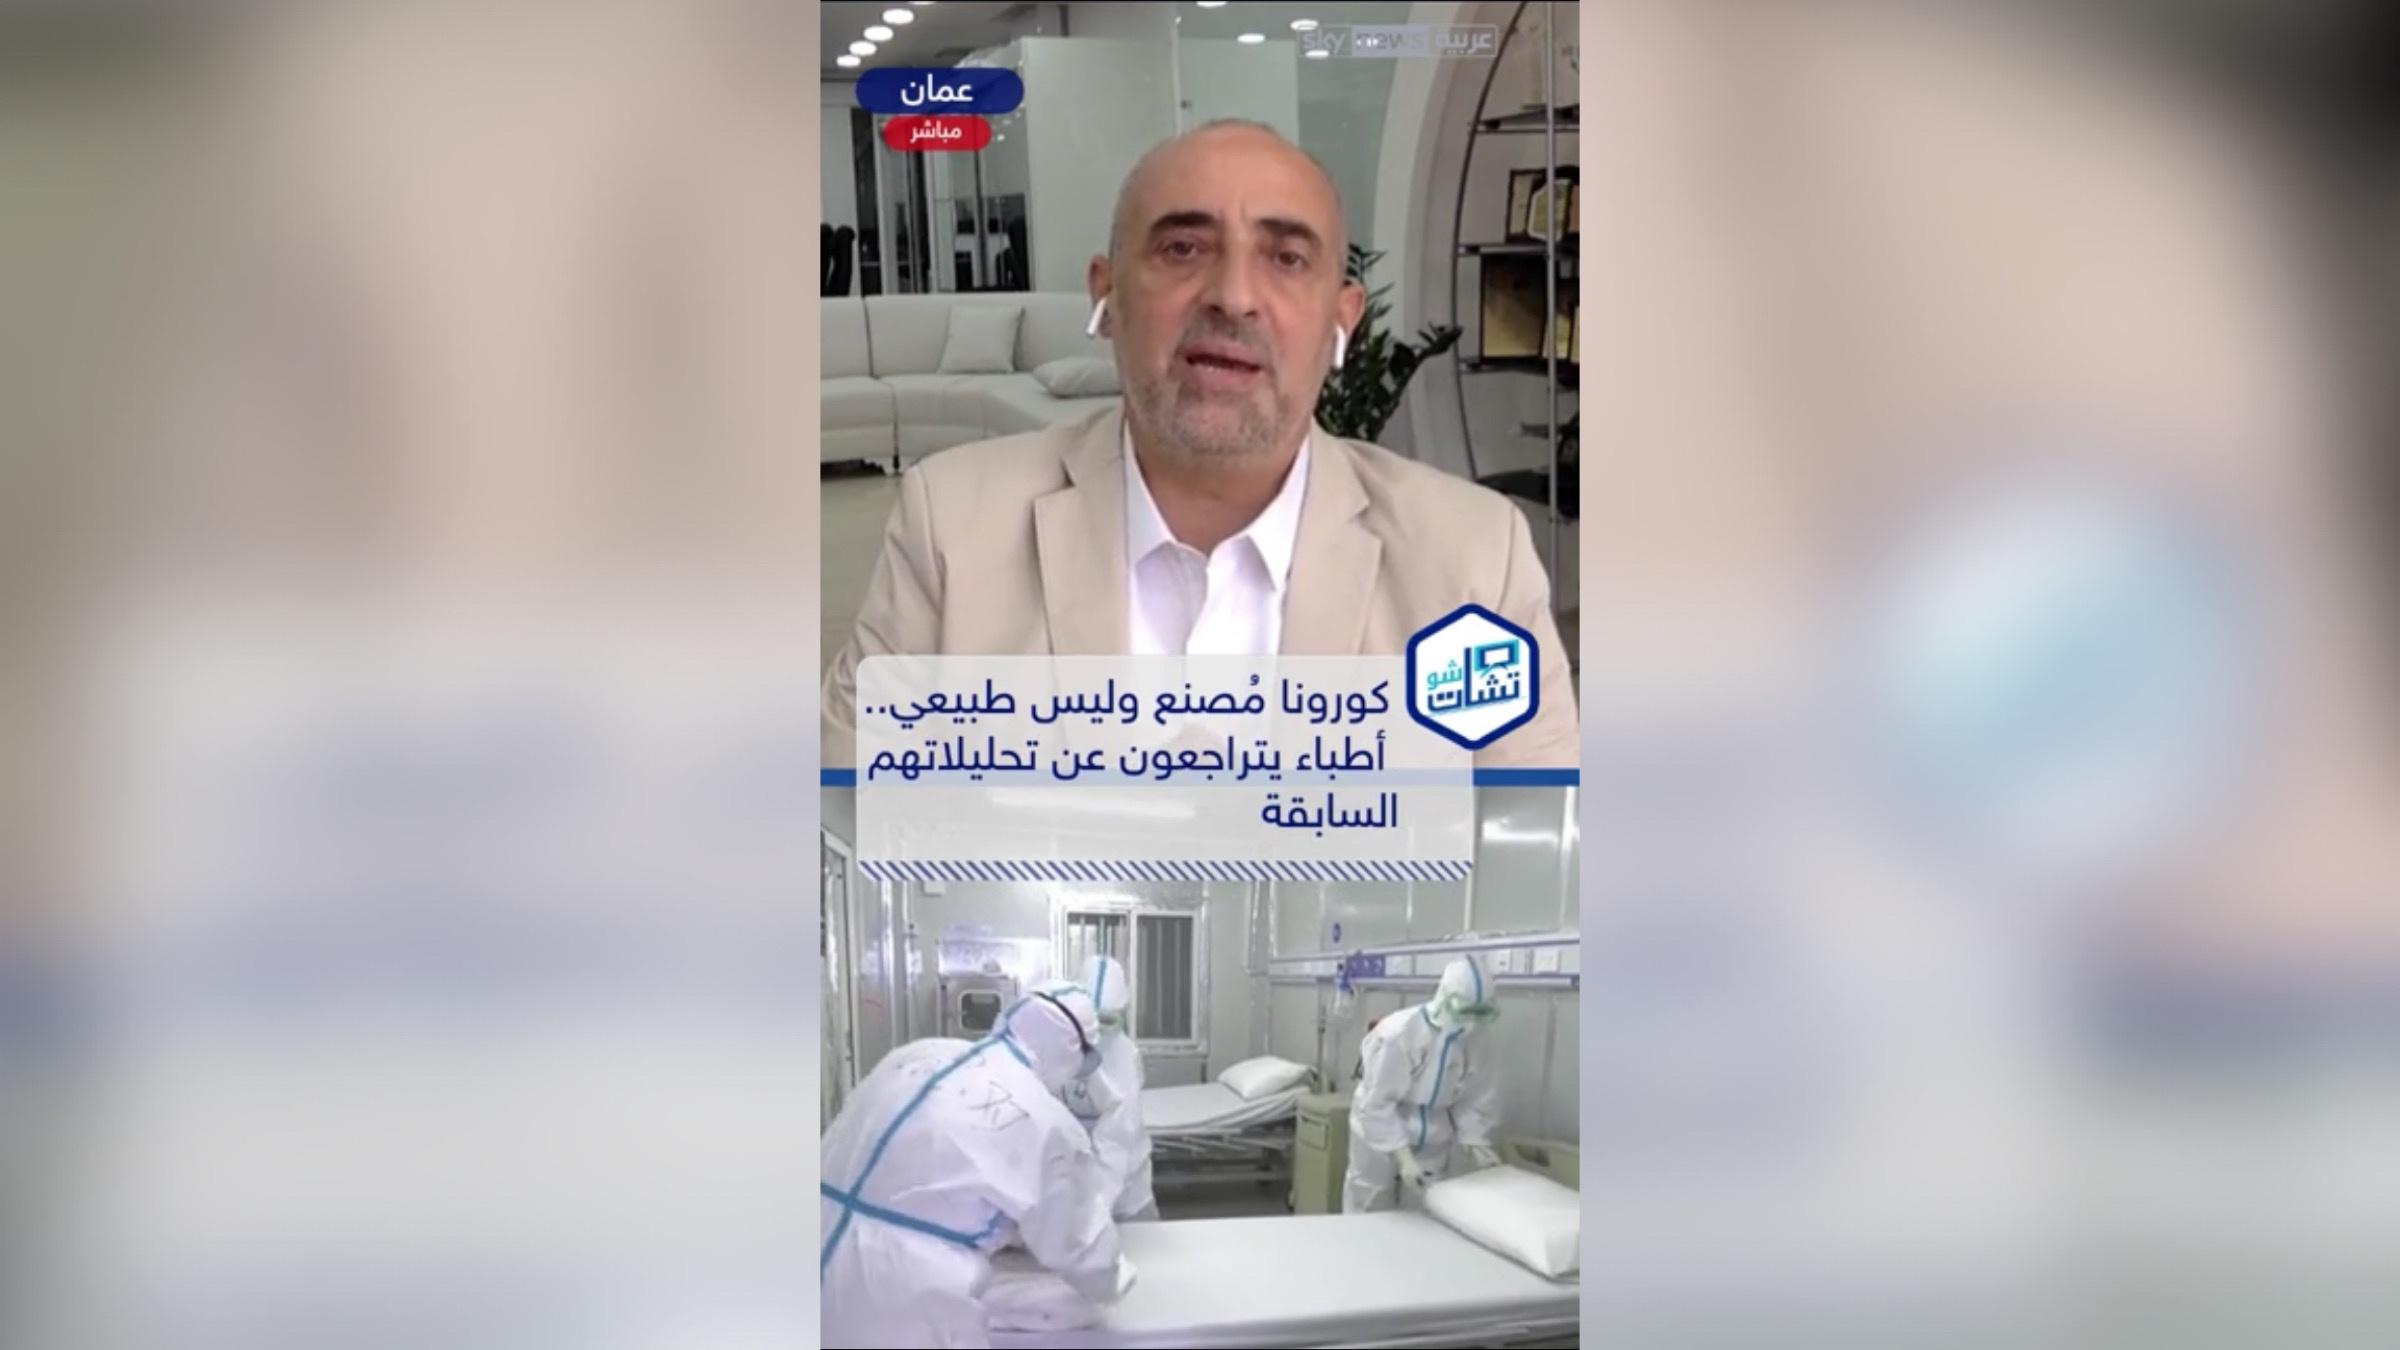 د. اديب الزعبي - سكاي نيوز عربية 31-5-2020